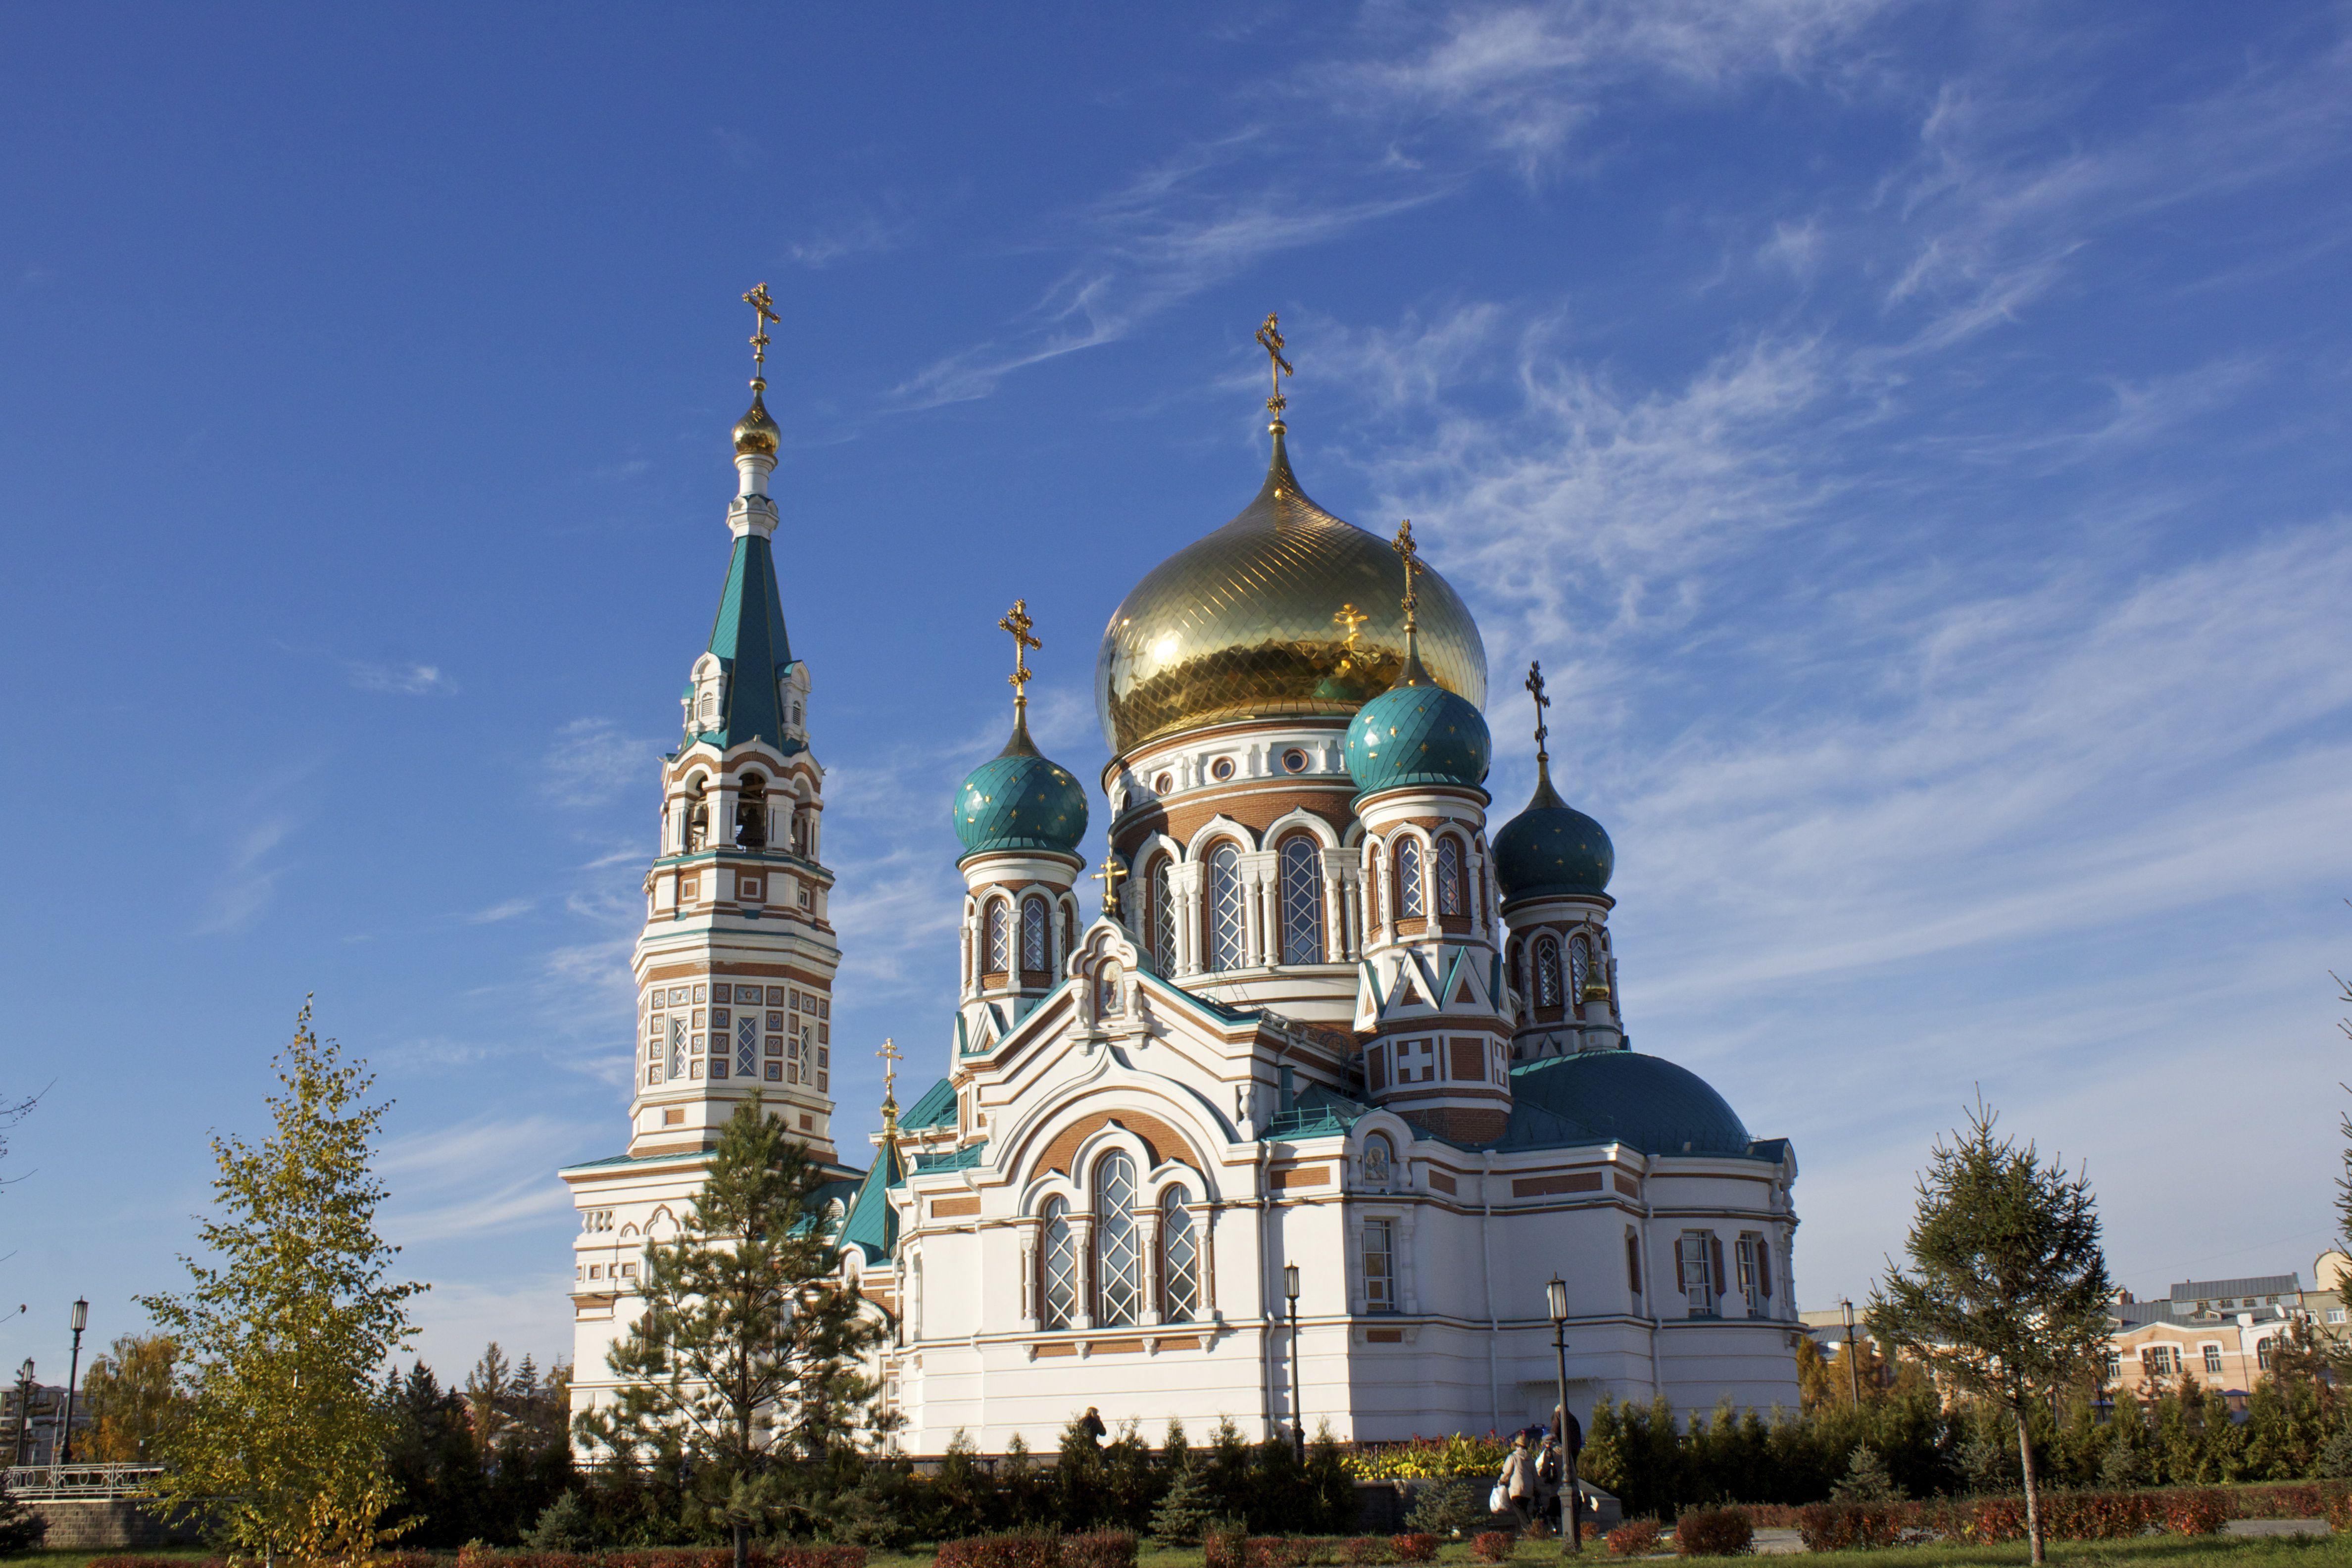 Assumption or Dormition Cathedral omsk